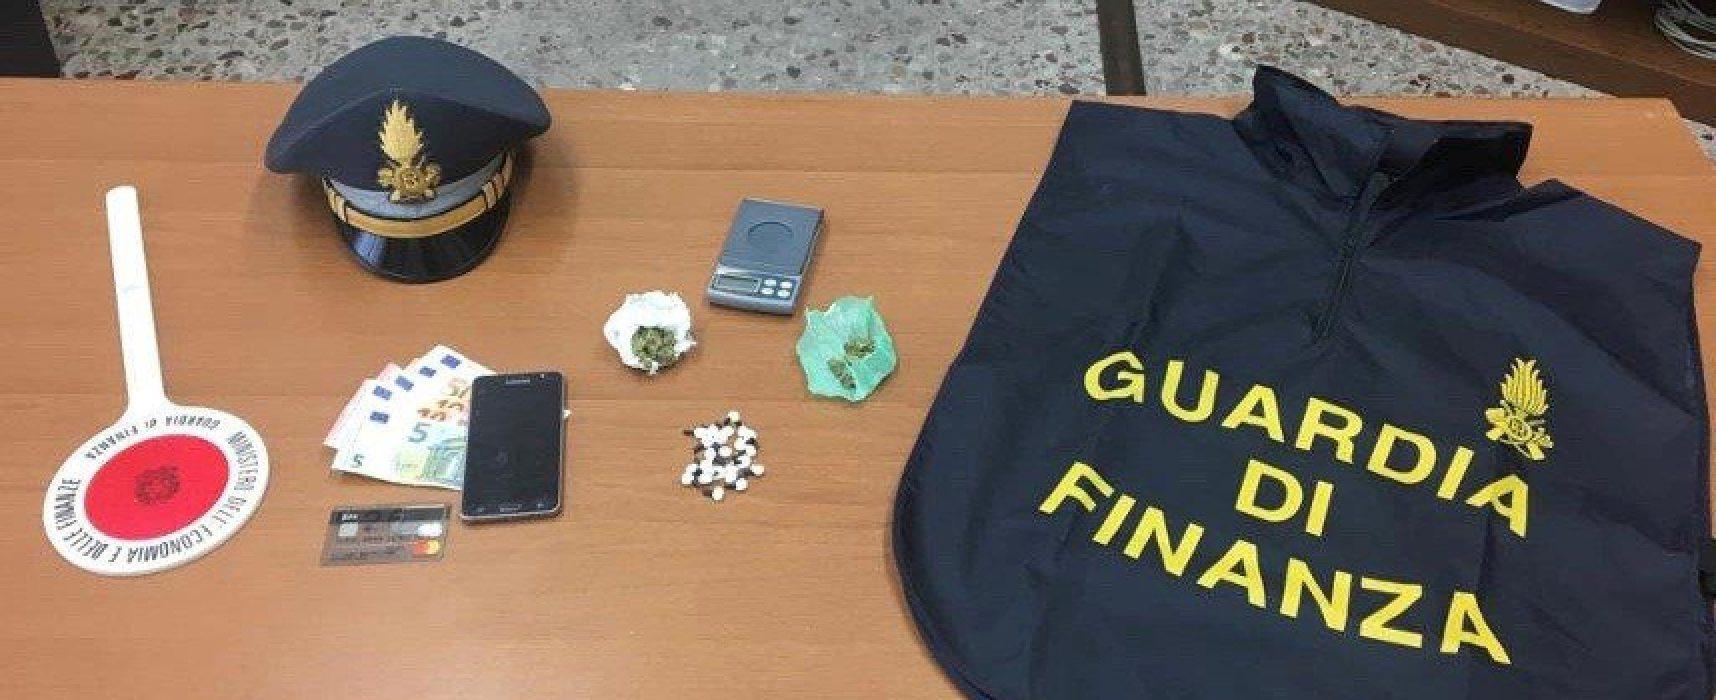 Spaccio sostanze stupefacenti, Guardia di Finanza arresta un biscegliese